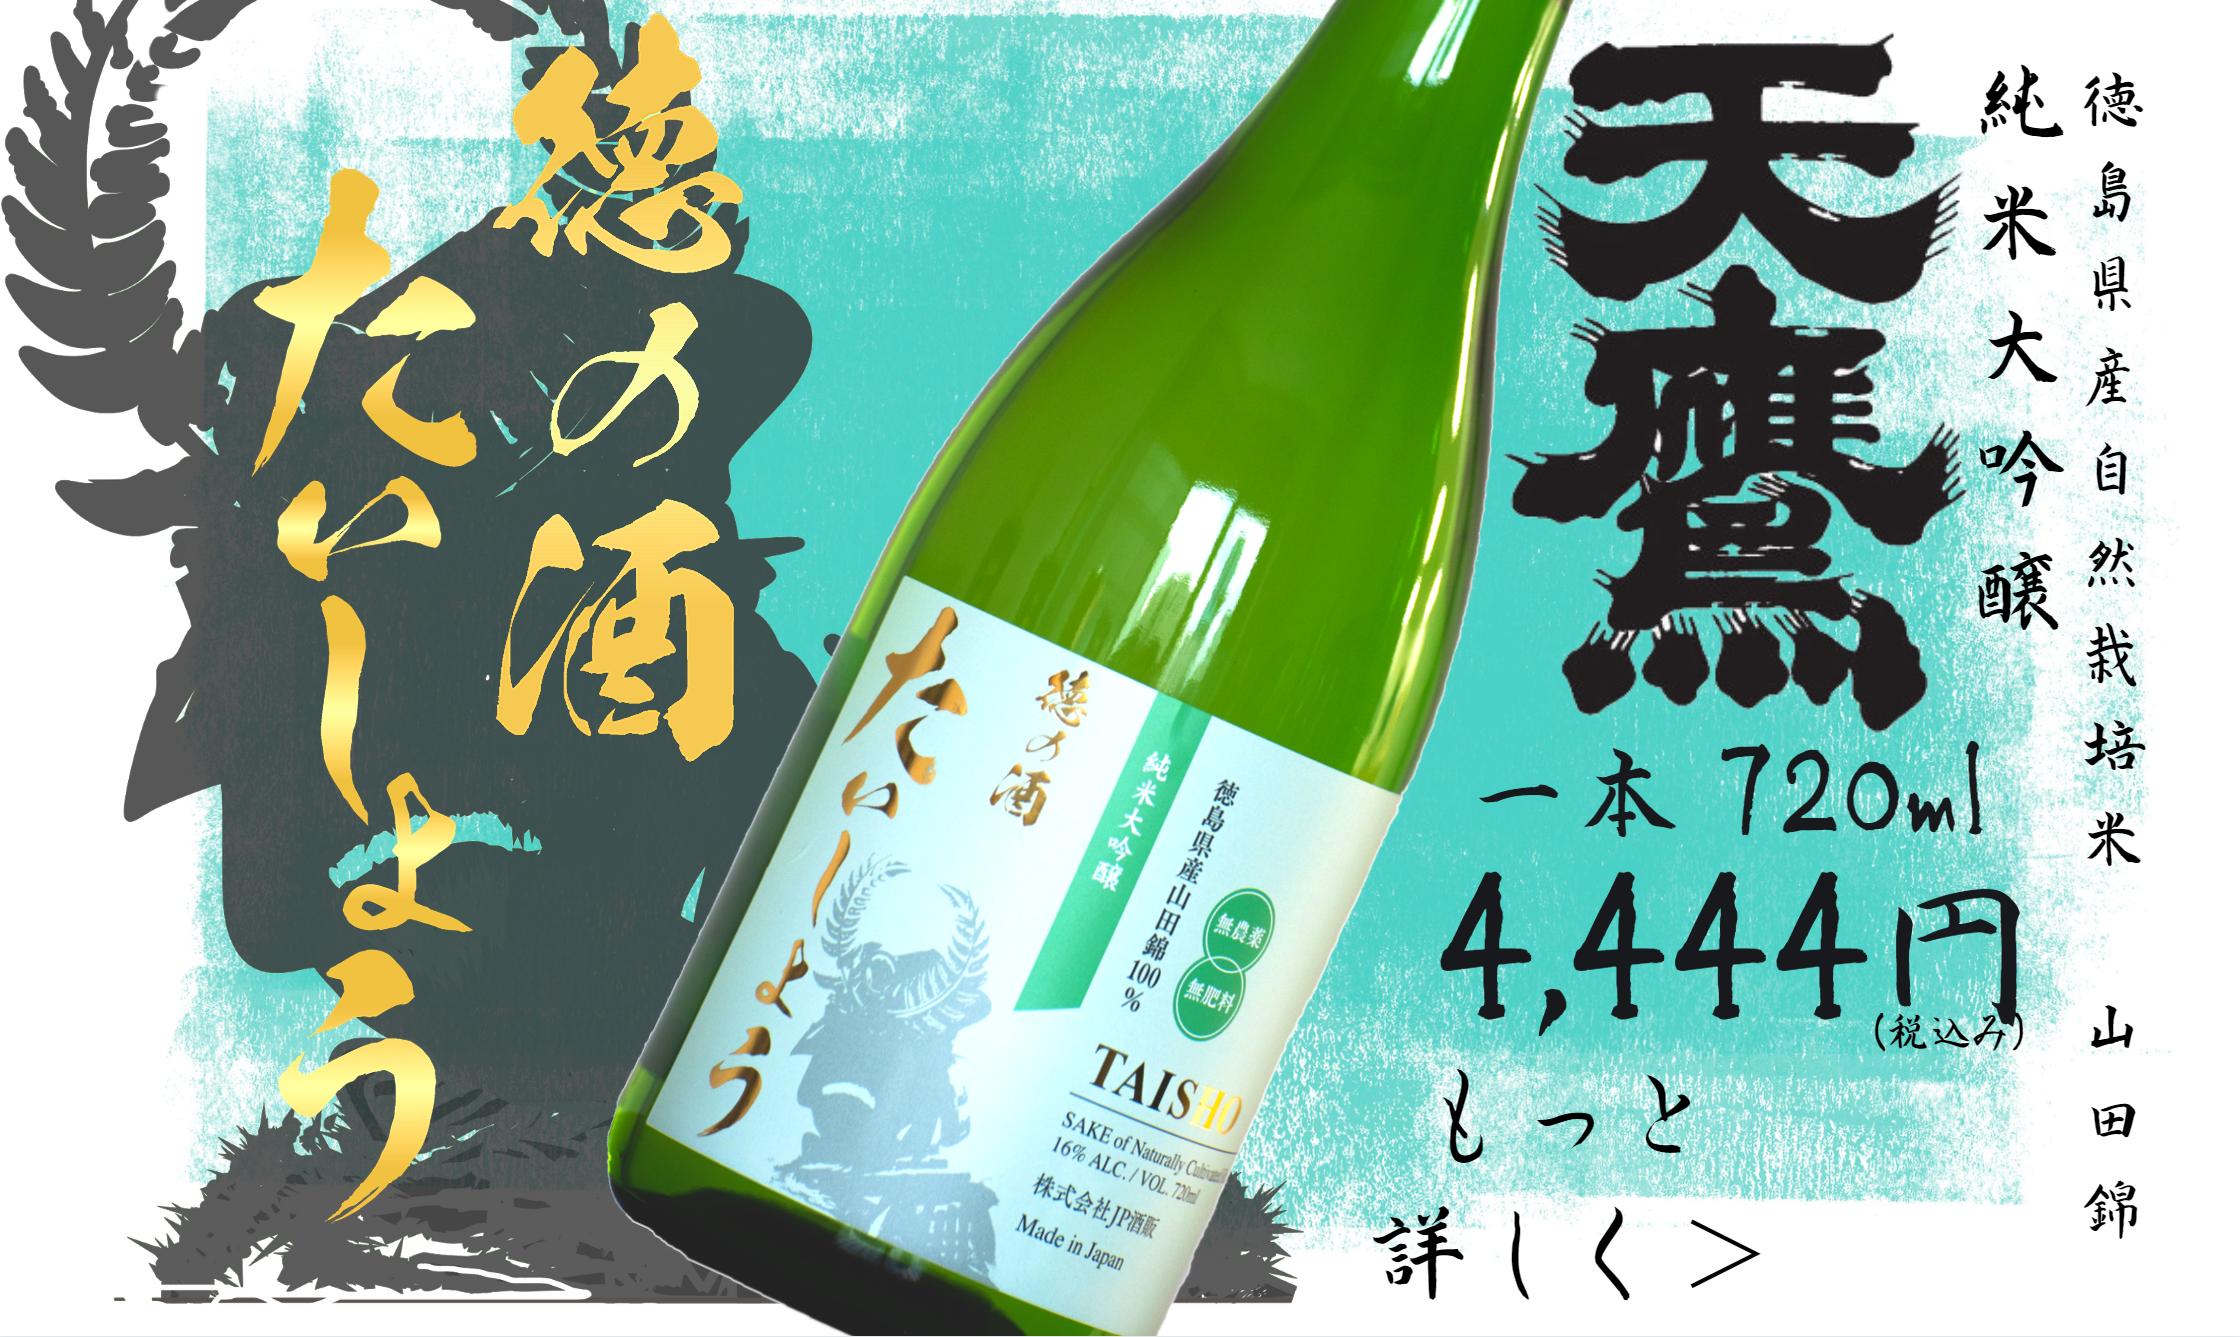 栃木県 天鷹酒造醸造 自然栽培米使用純米大吟醸酒徳の酒「たいしょう」